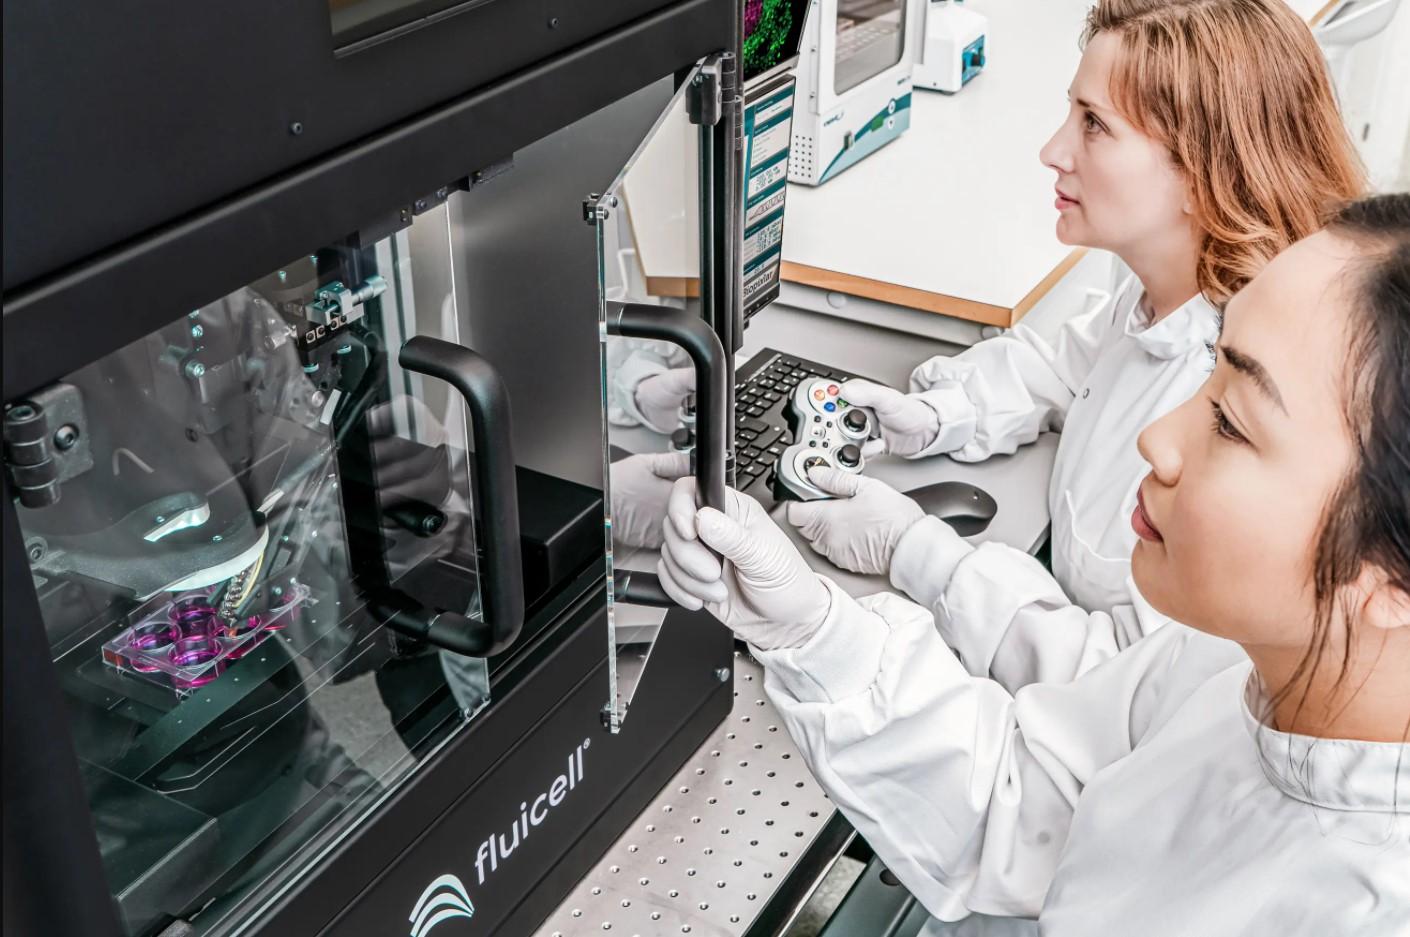 Fluicell promuove la piattaforma Biopixlar per il bioprinting terapeutico